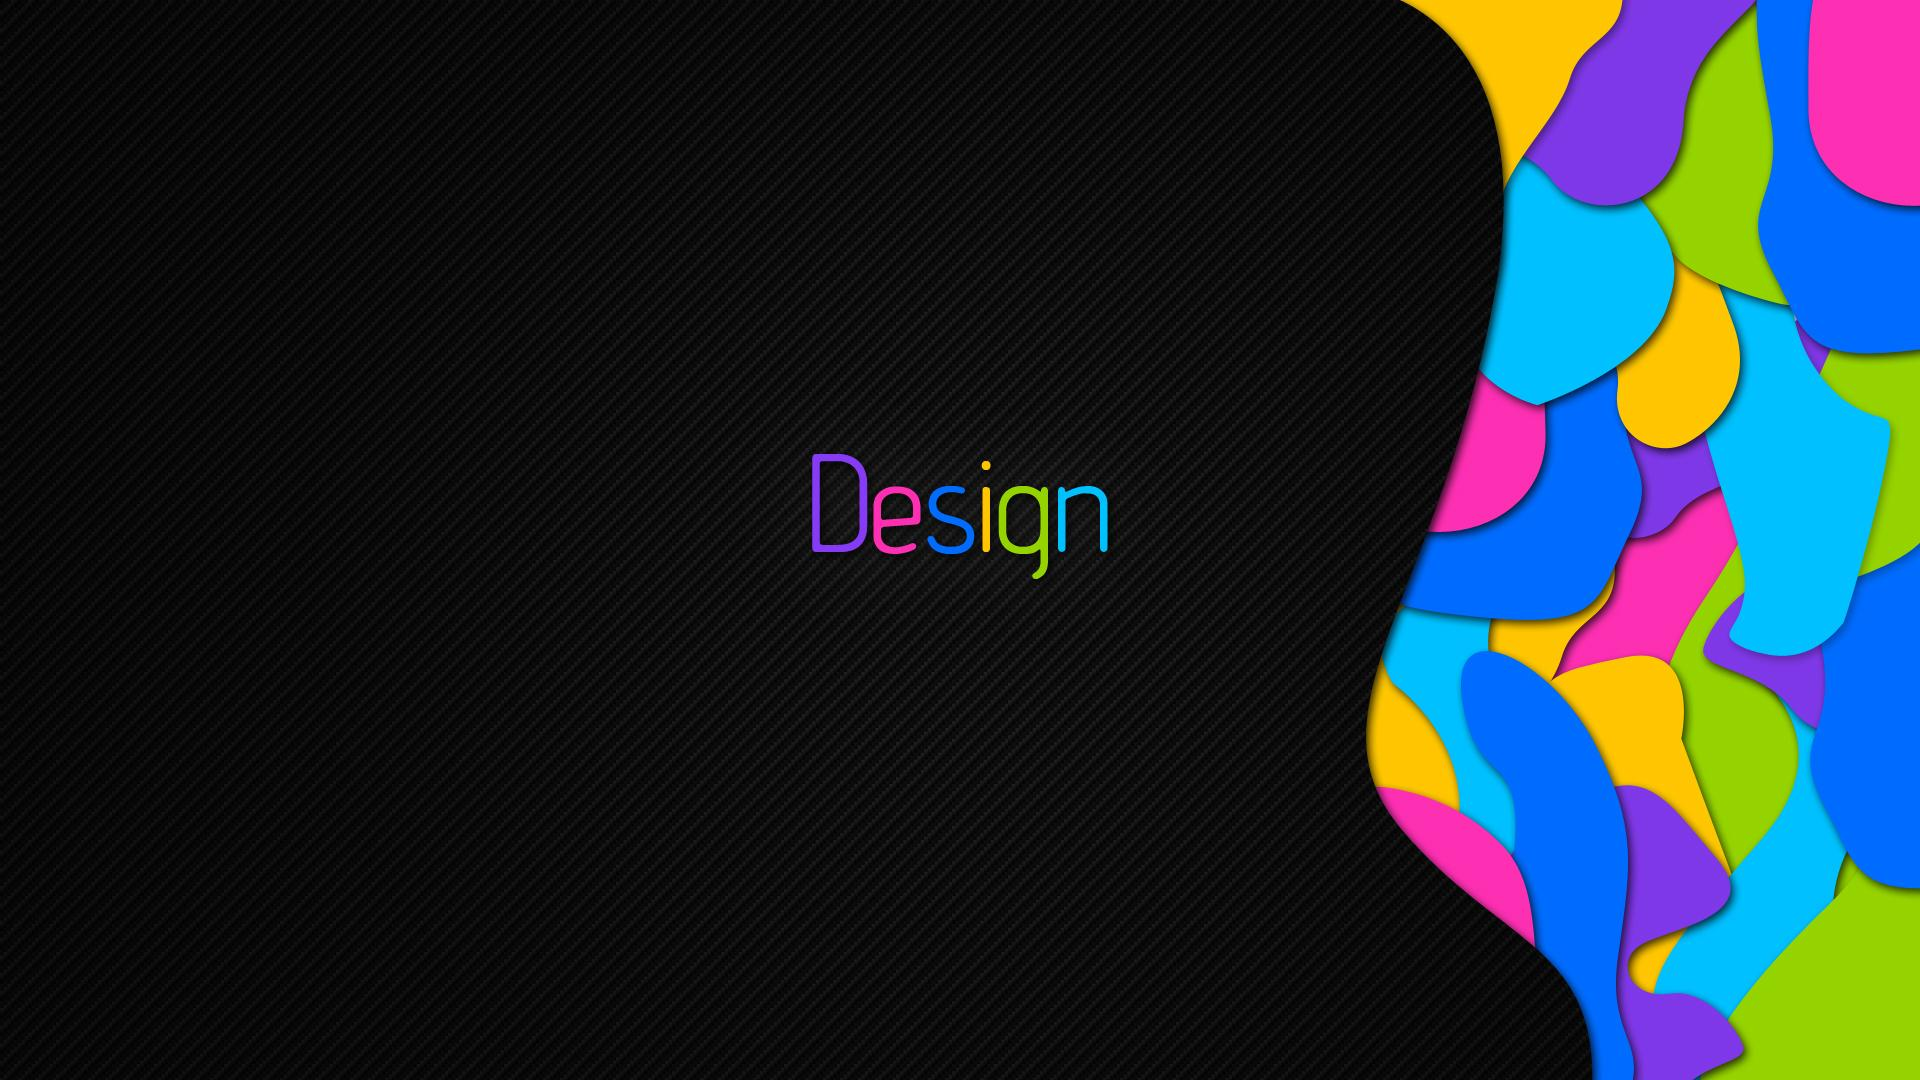 Обои дизайн на рабочий стол